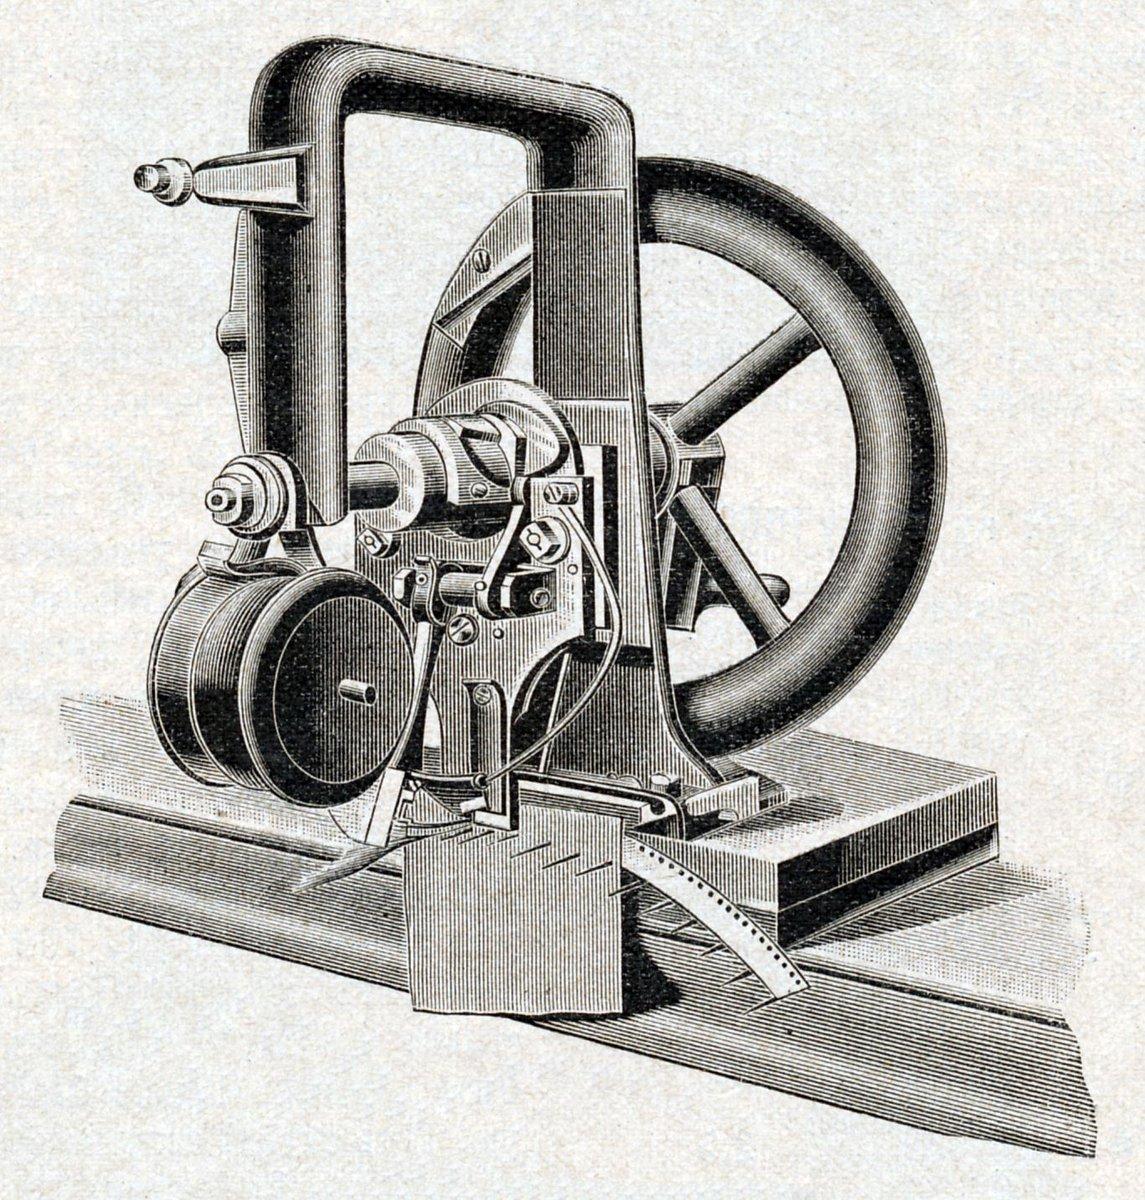 чем первая швейная машина фото кто изобрел собинском